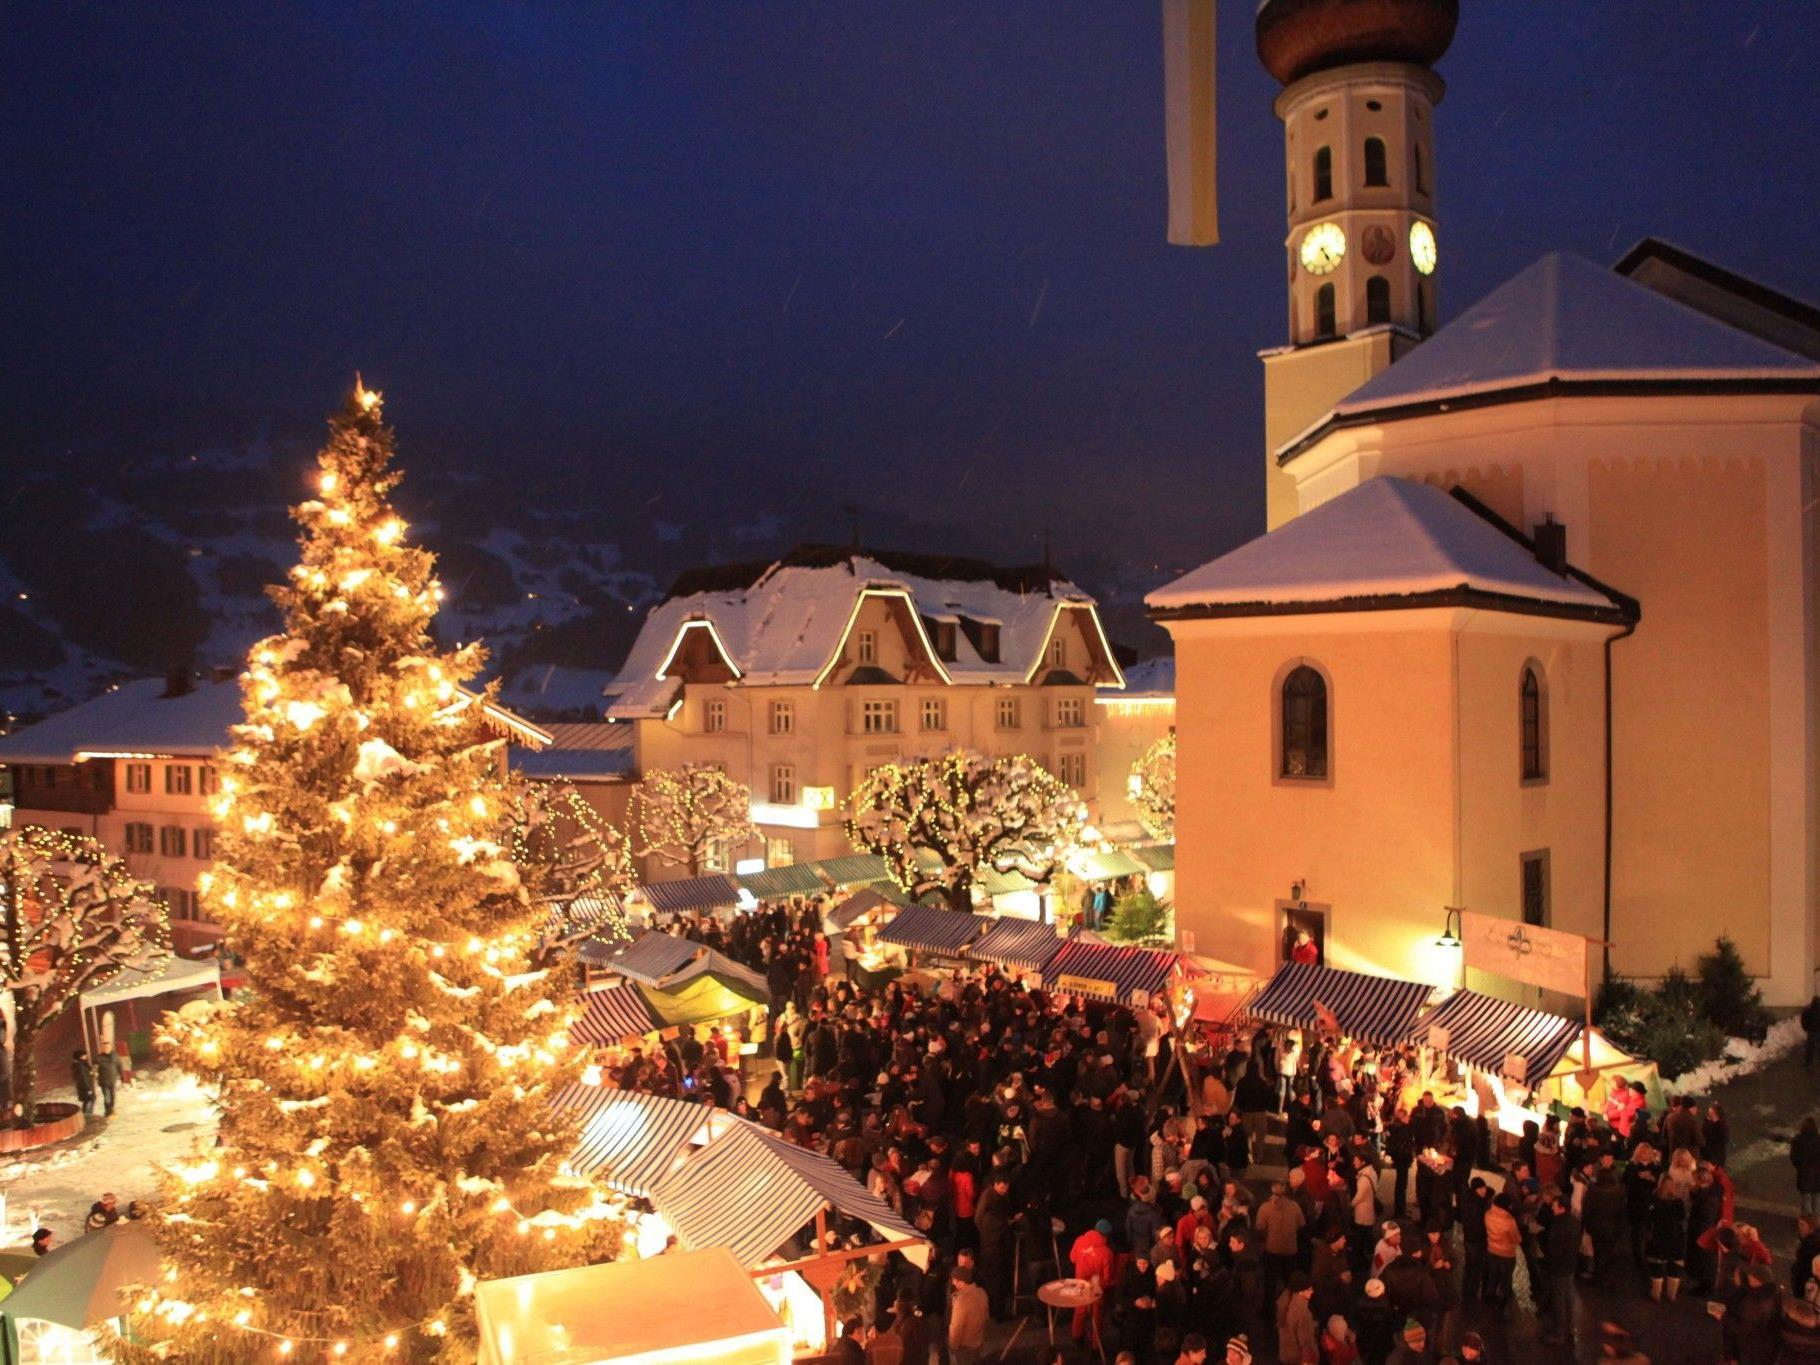 Der silbrige Sonntig Markt in Schruns als Publikumsmagnet und beliebter Treffpunkt in der Adventzeit